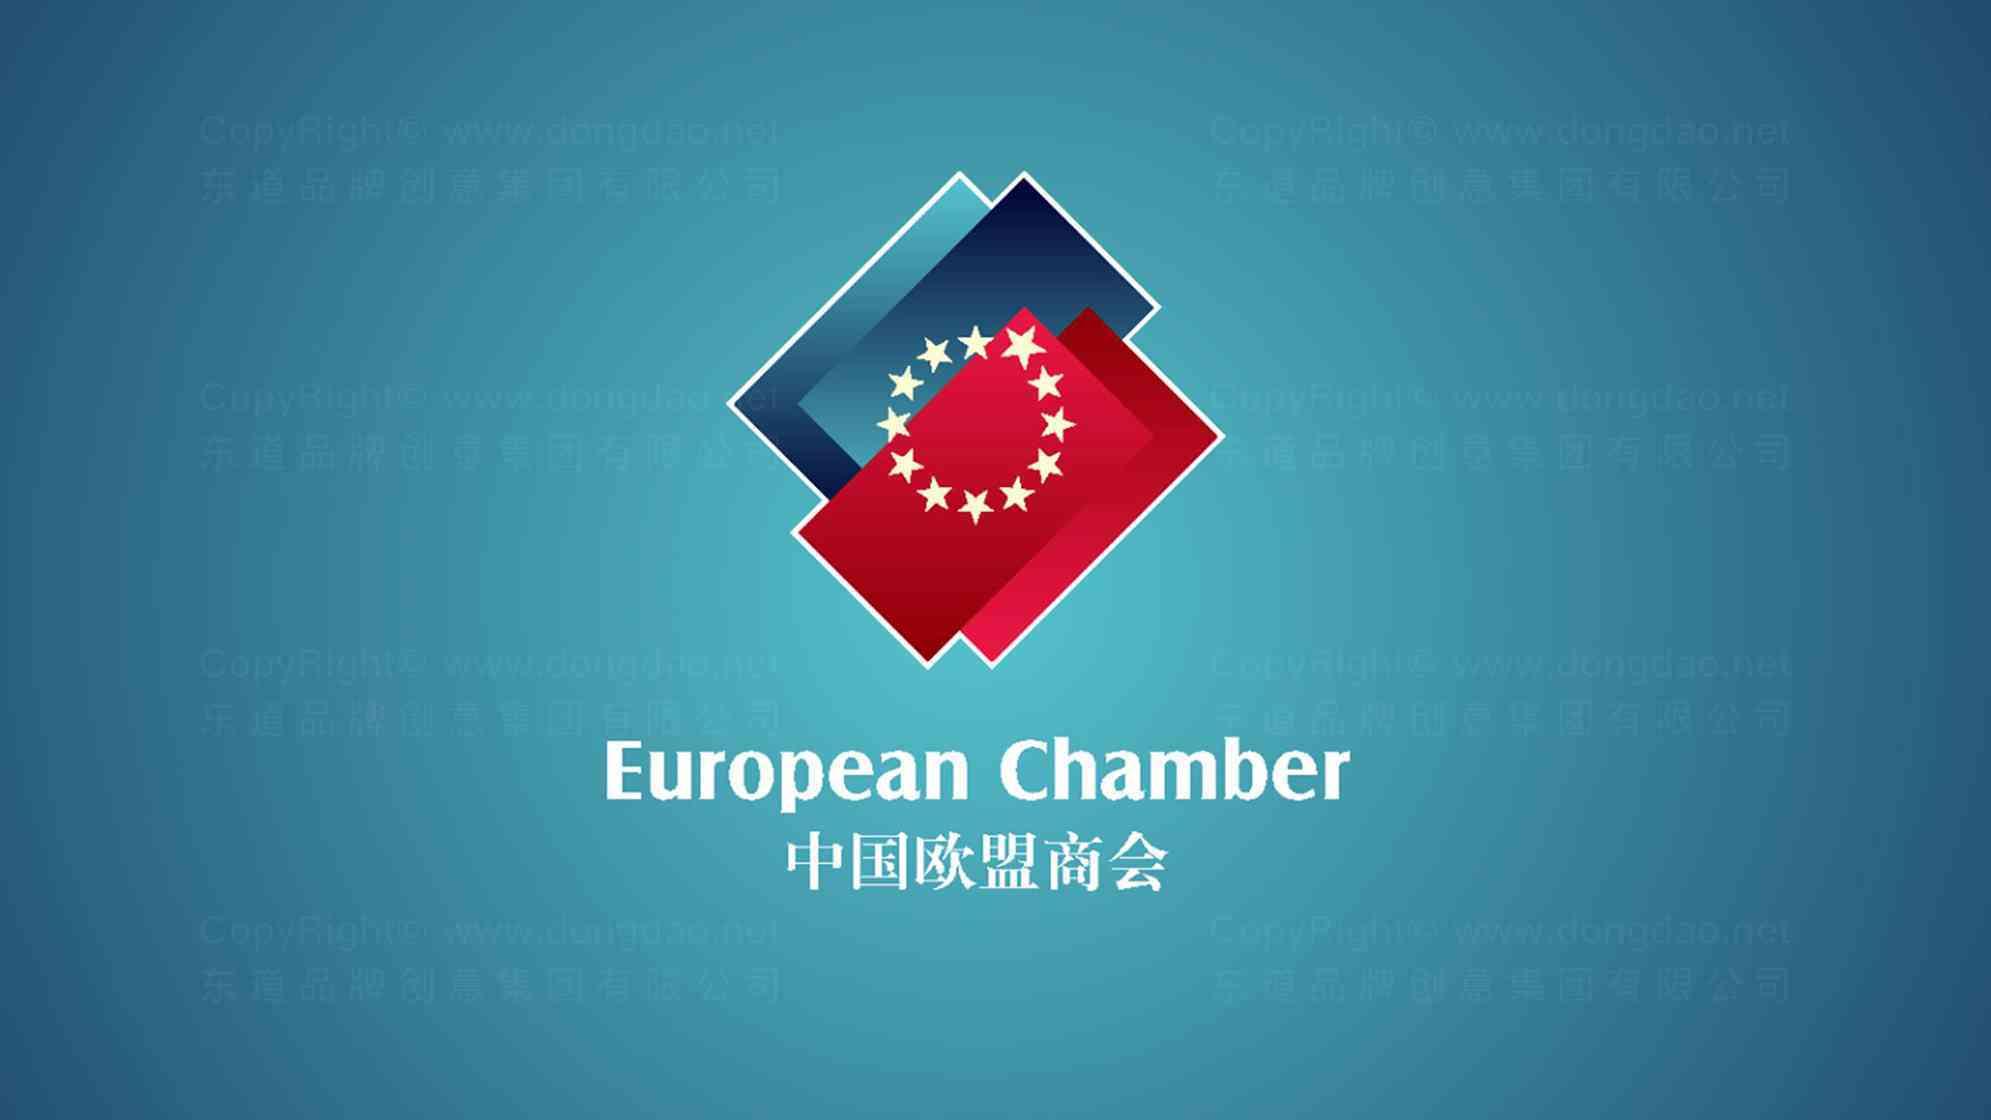 品牌设计案例中国欧盟商会LOGO&VI设计